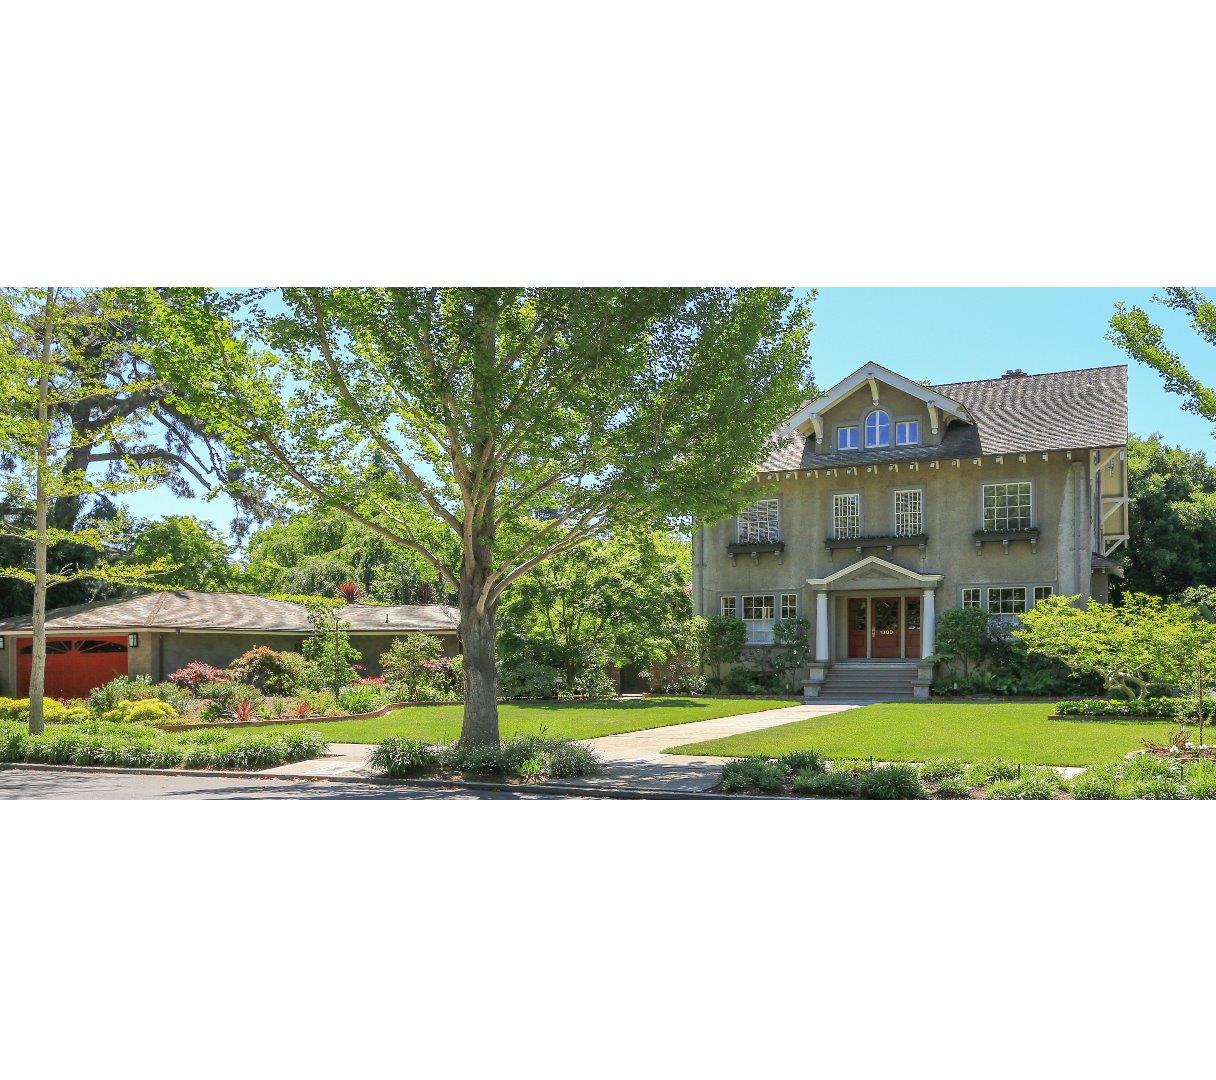 Maison unifamiliale pour l Vente à 1300 Hamilton Avenue Palo Alto, Californie 94301 États-Unis